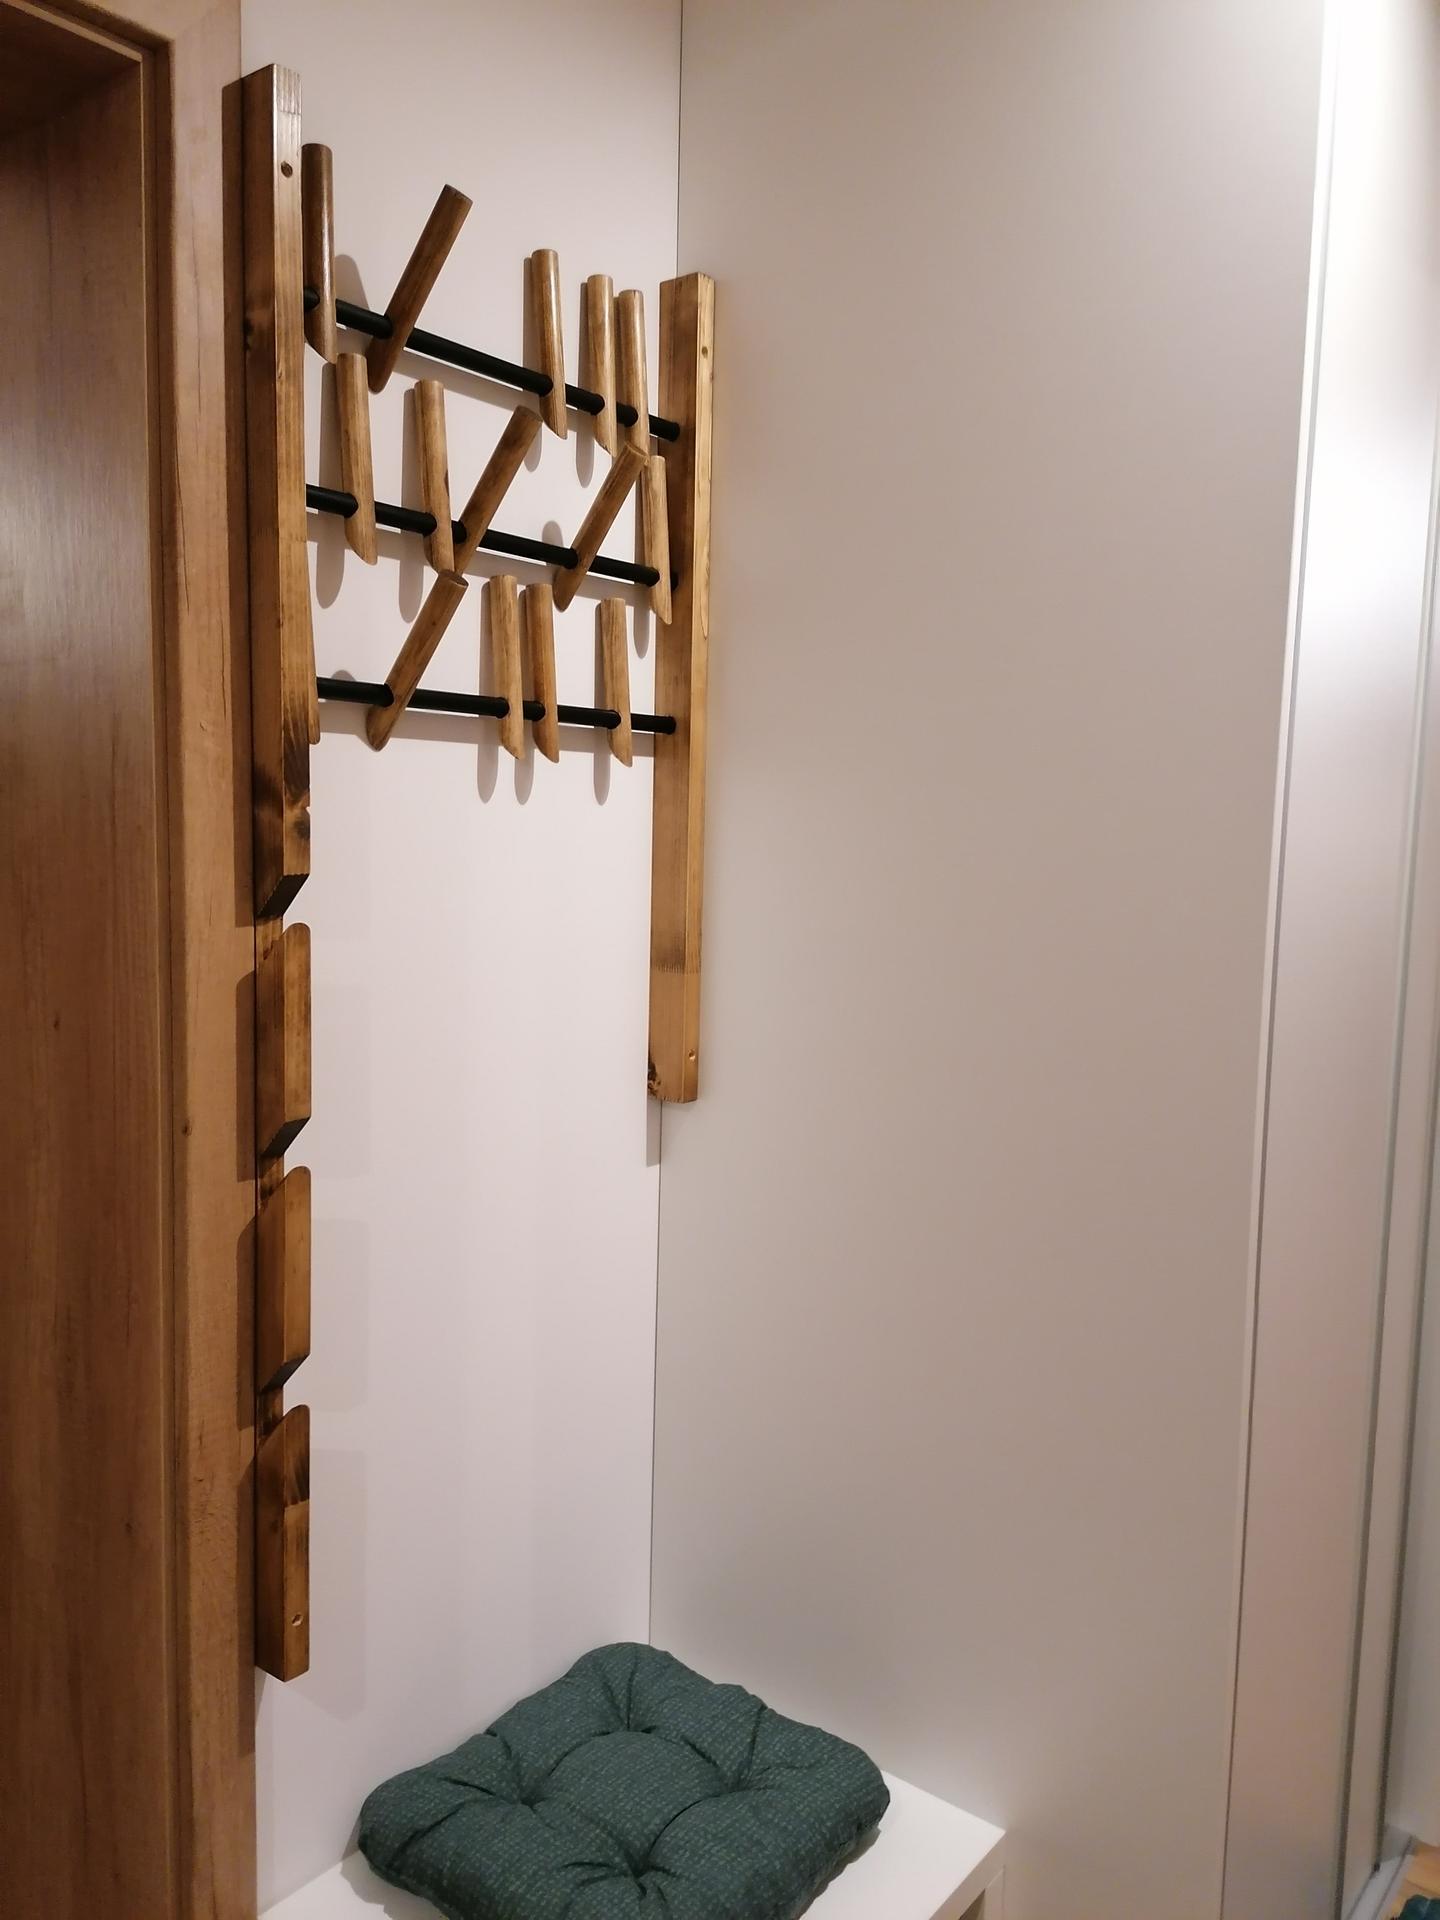 Rekonštrukcia veľmi starej stavby :) - Konečne sme vynovili aj chodbu, vstavaná skriňa a vešiak z manželovej dielne 😊